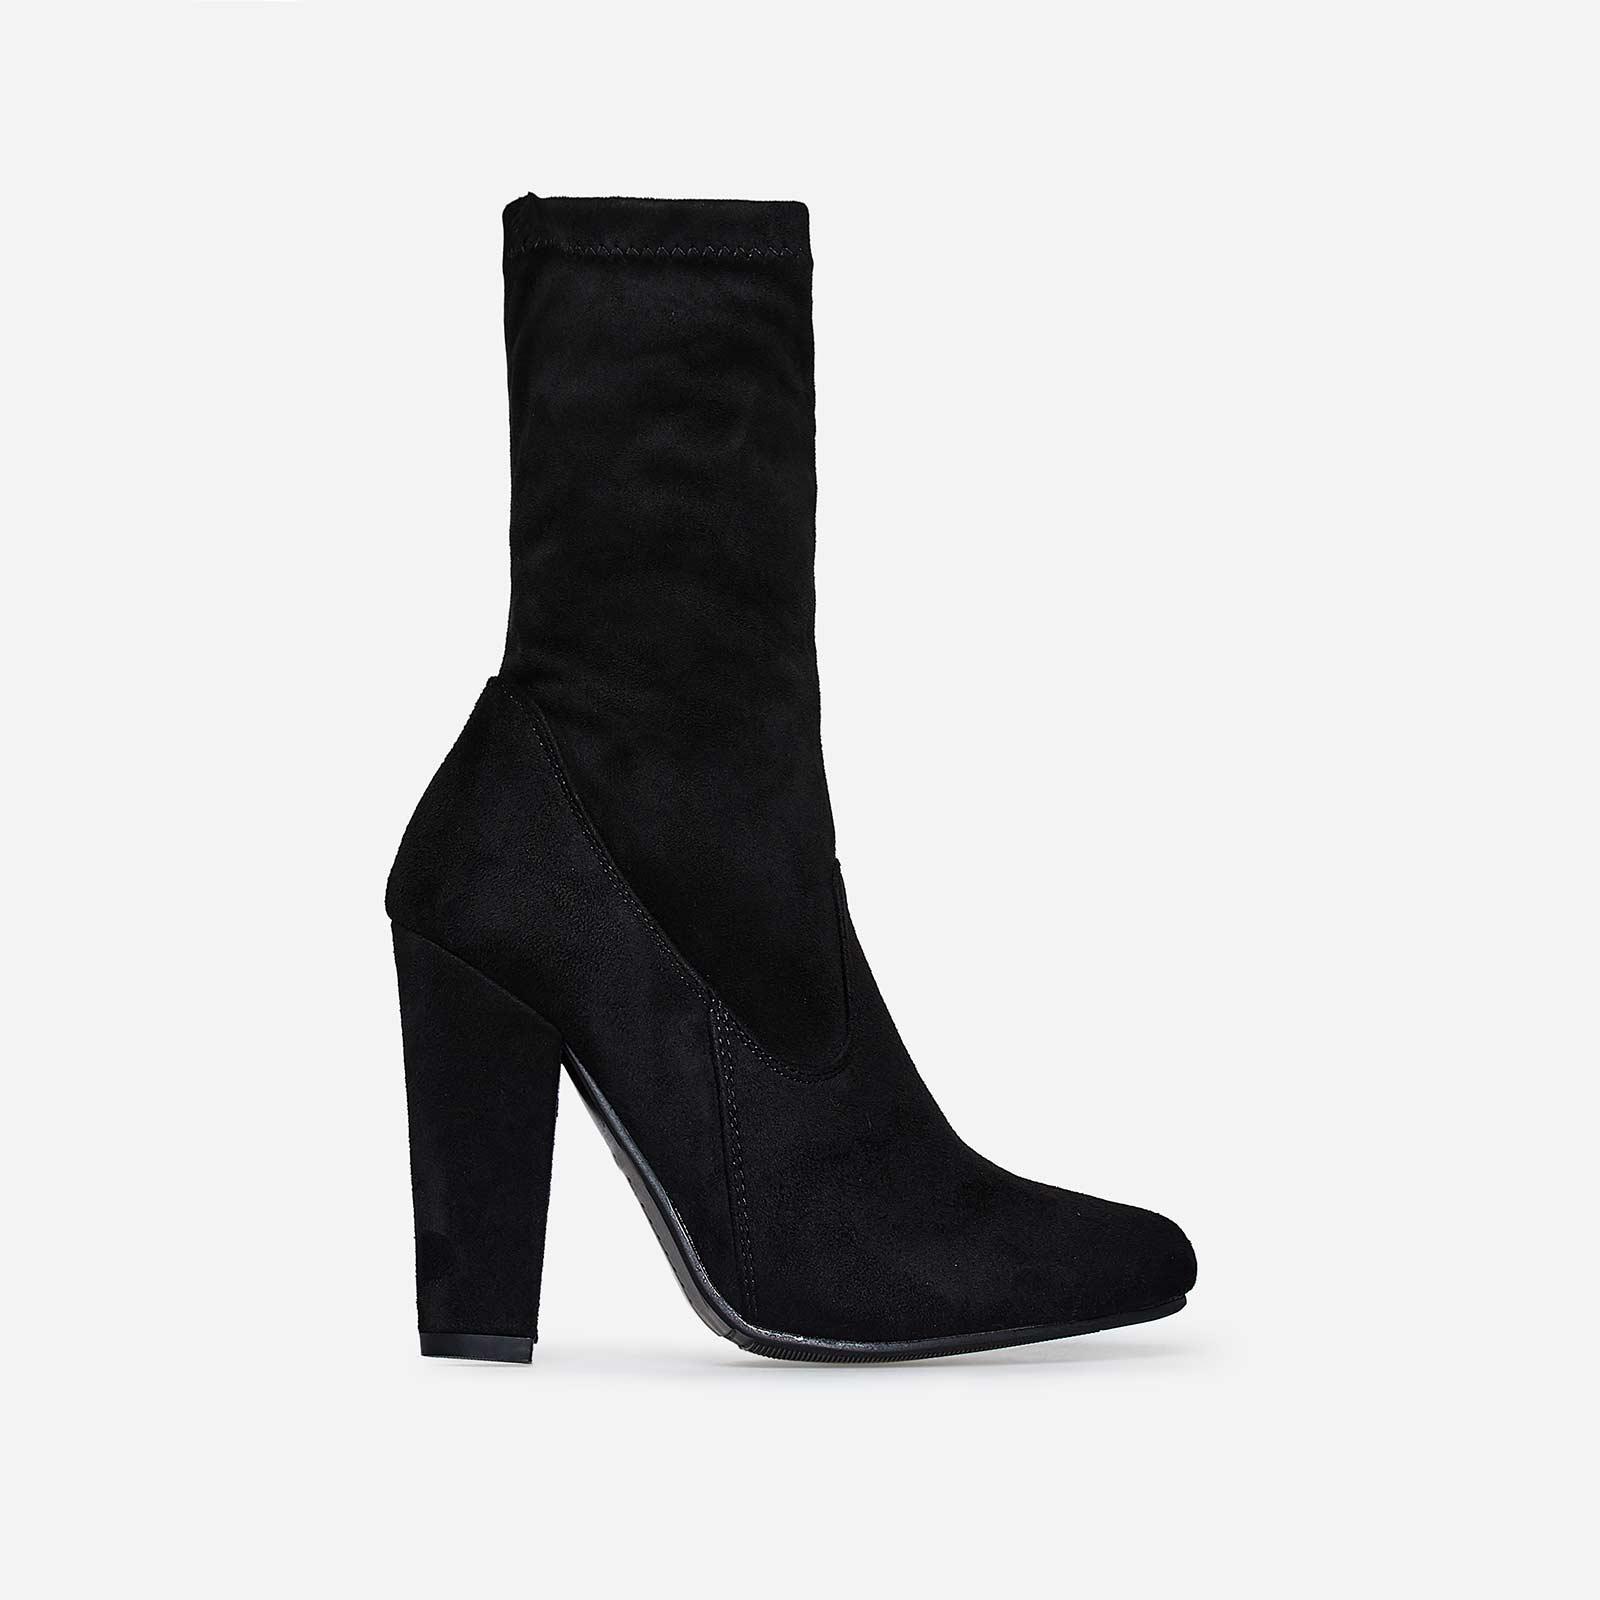 Keegan Block Heel Ankle Boot In Black Faux Suede